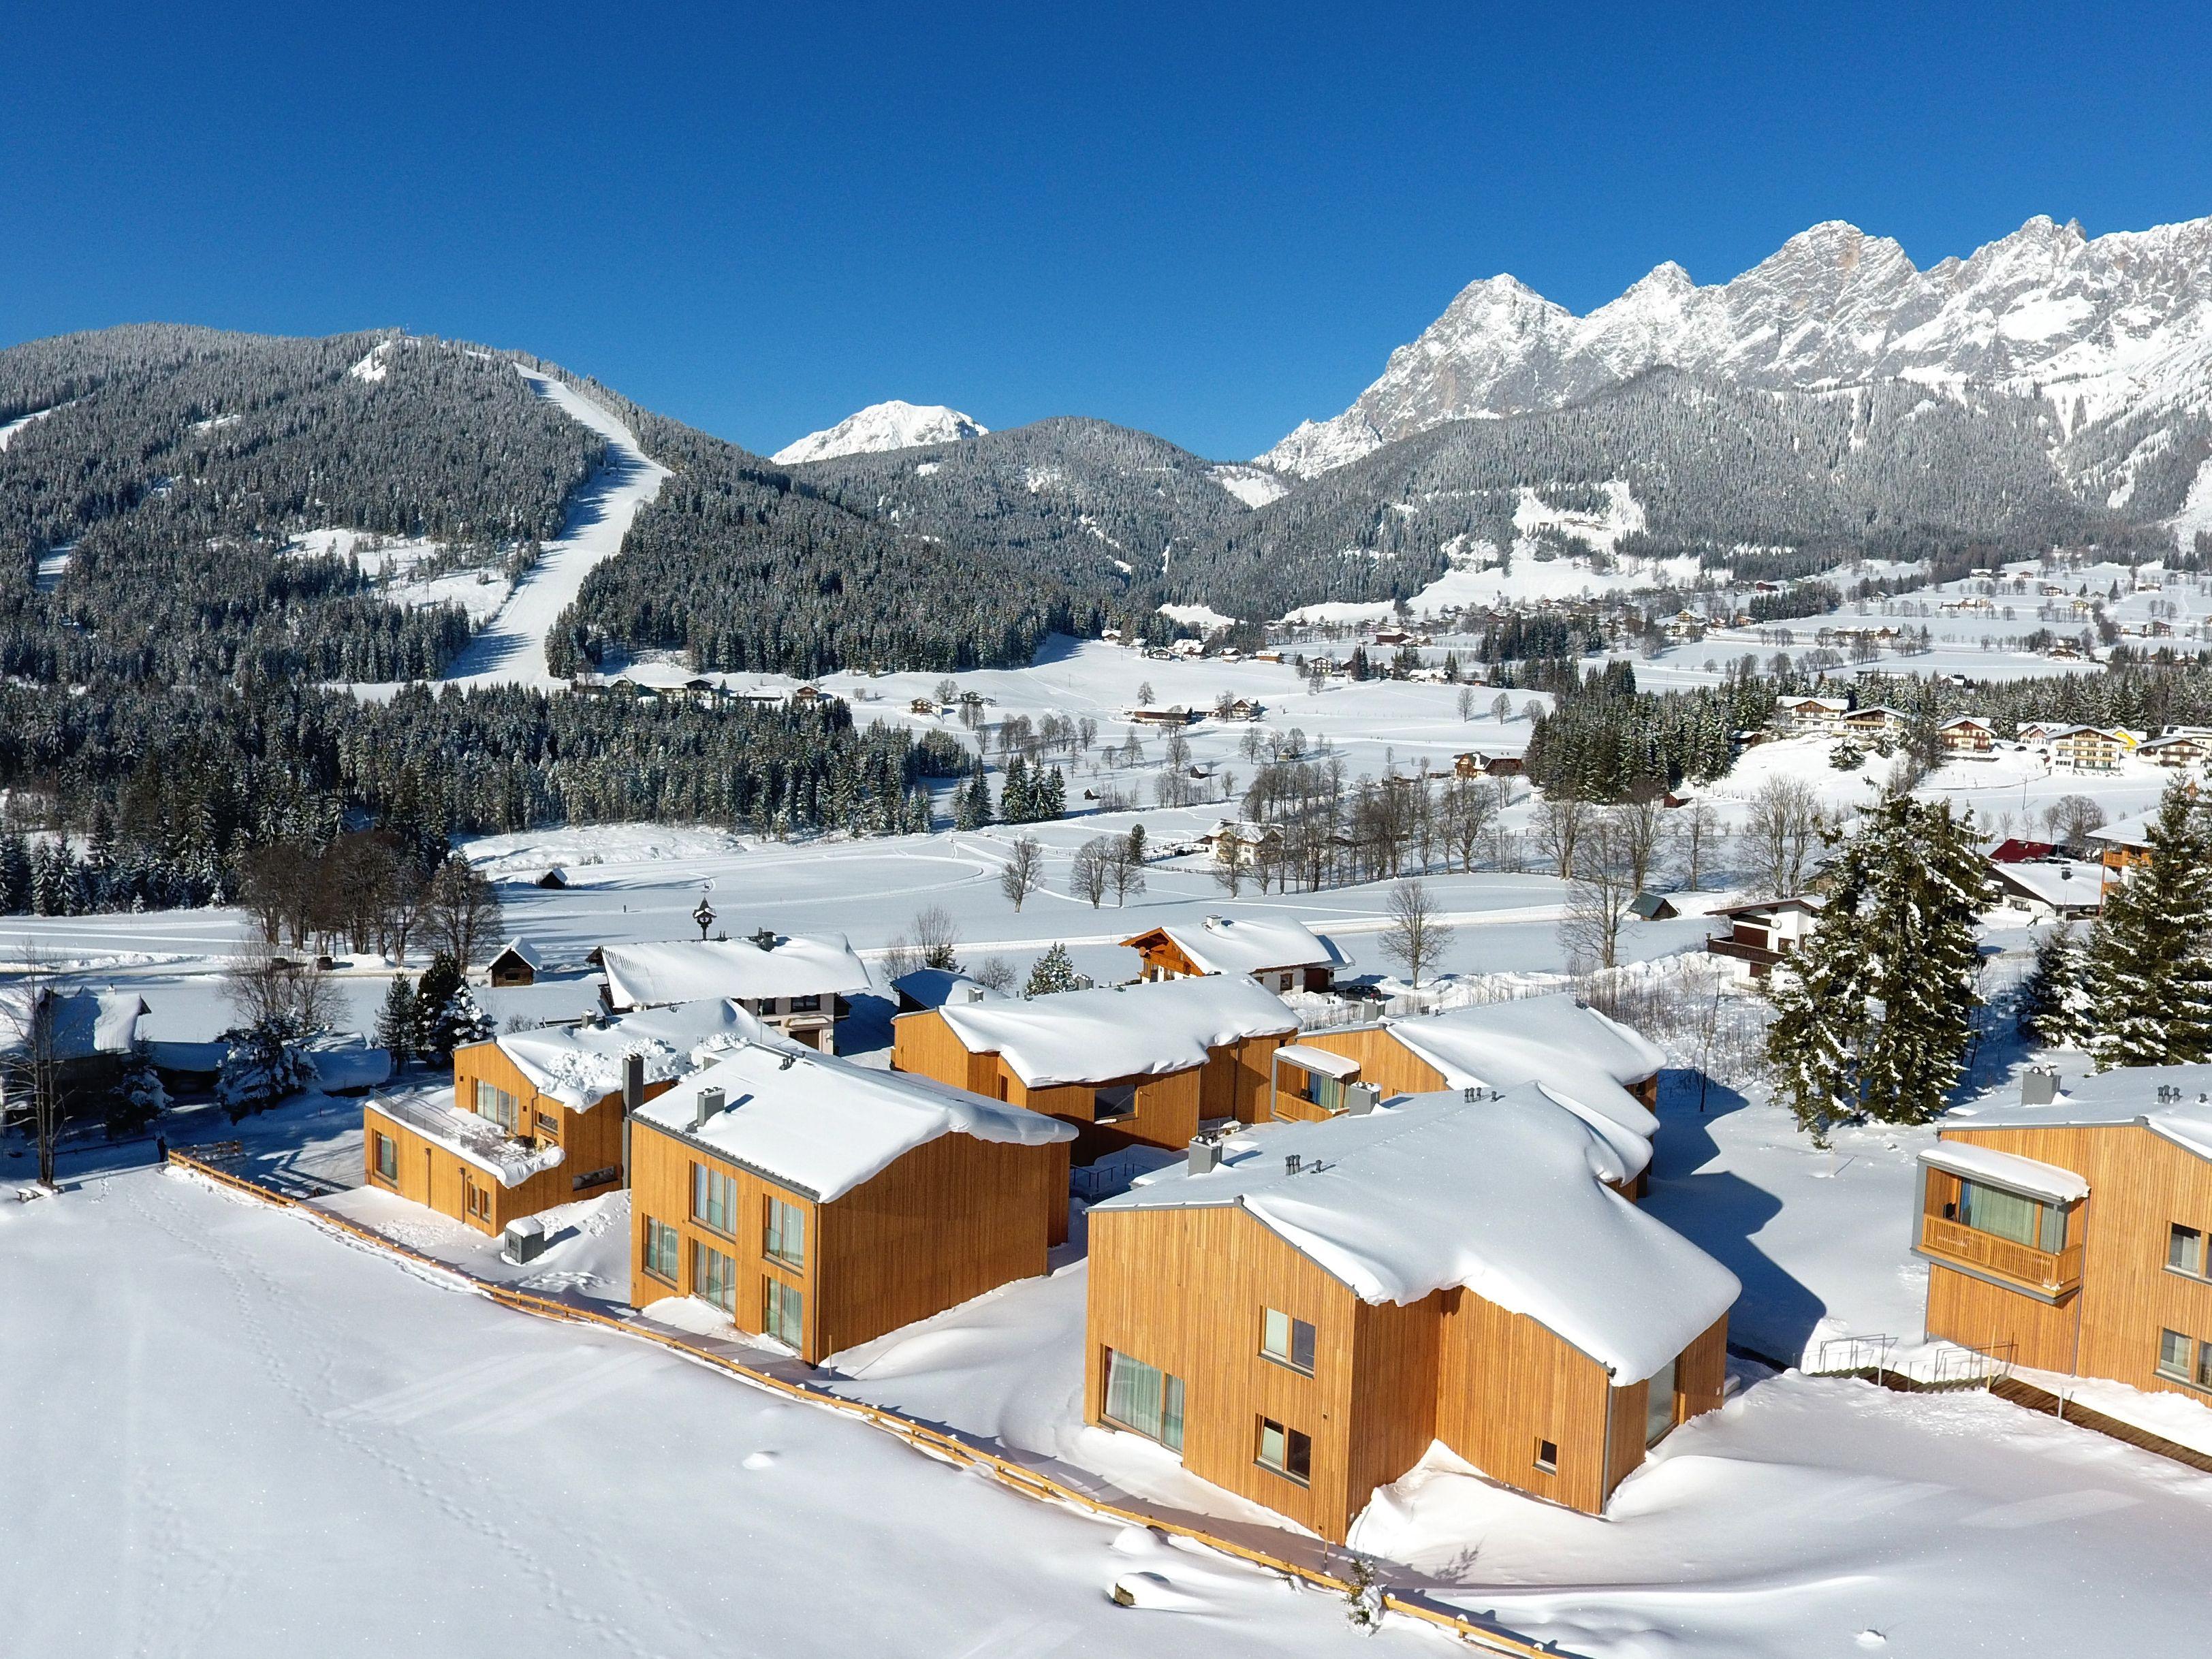 Chalet-appartement Rittis Alpin Penthouse Suite met sauna en open haard - 4-6 personen